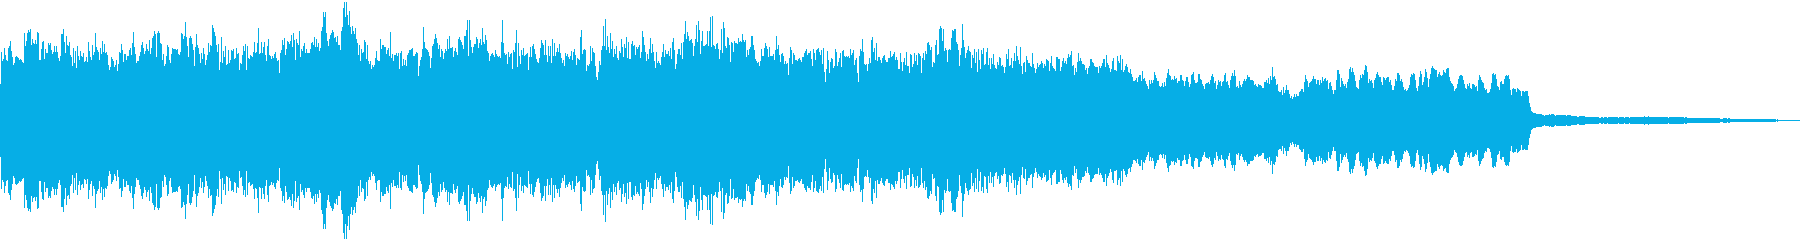 ピアノ、コントラバス、チェロ、ヴァ...の再生済みの波形